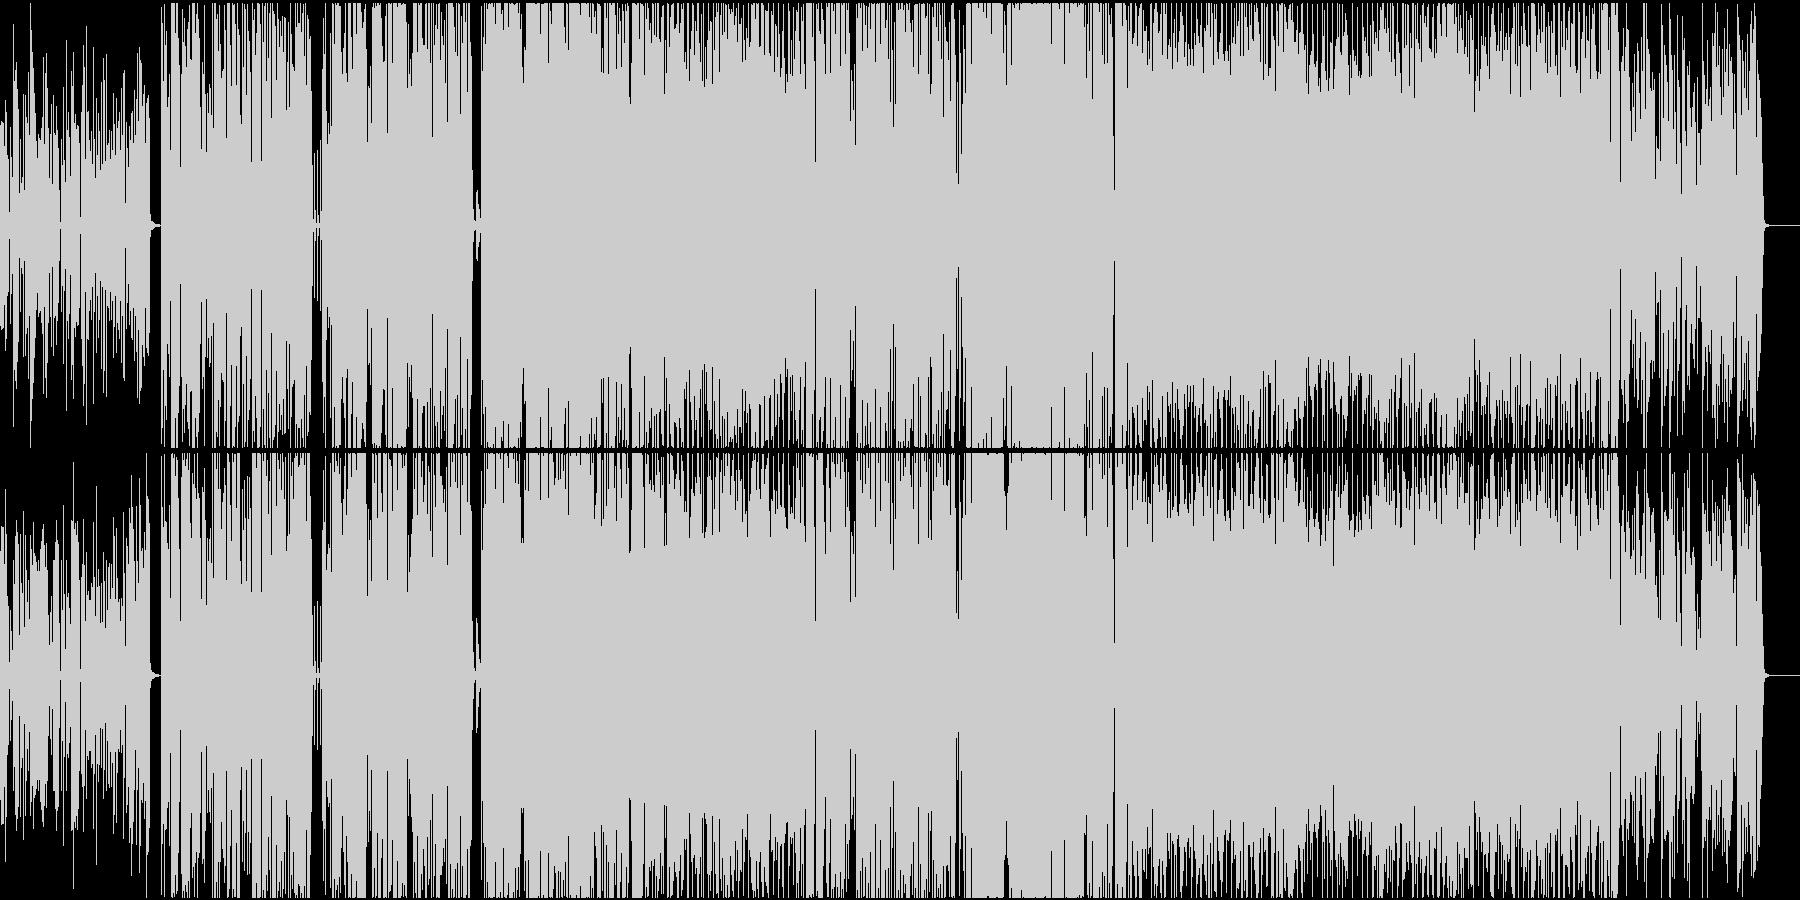 ハッピーなギターポップ、男性英語詞の未再生の波形